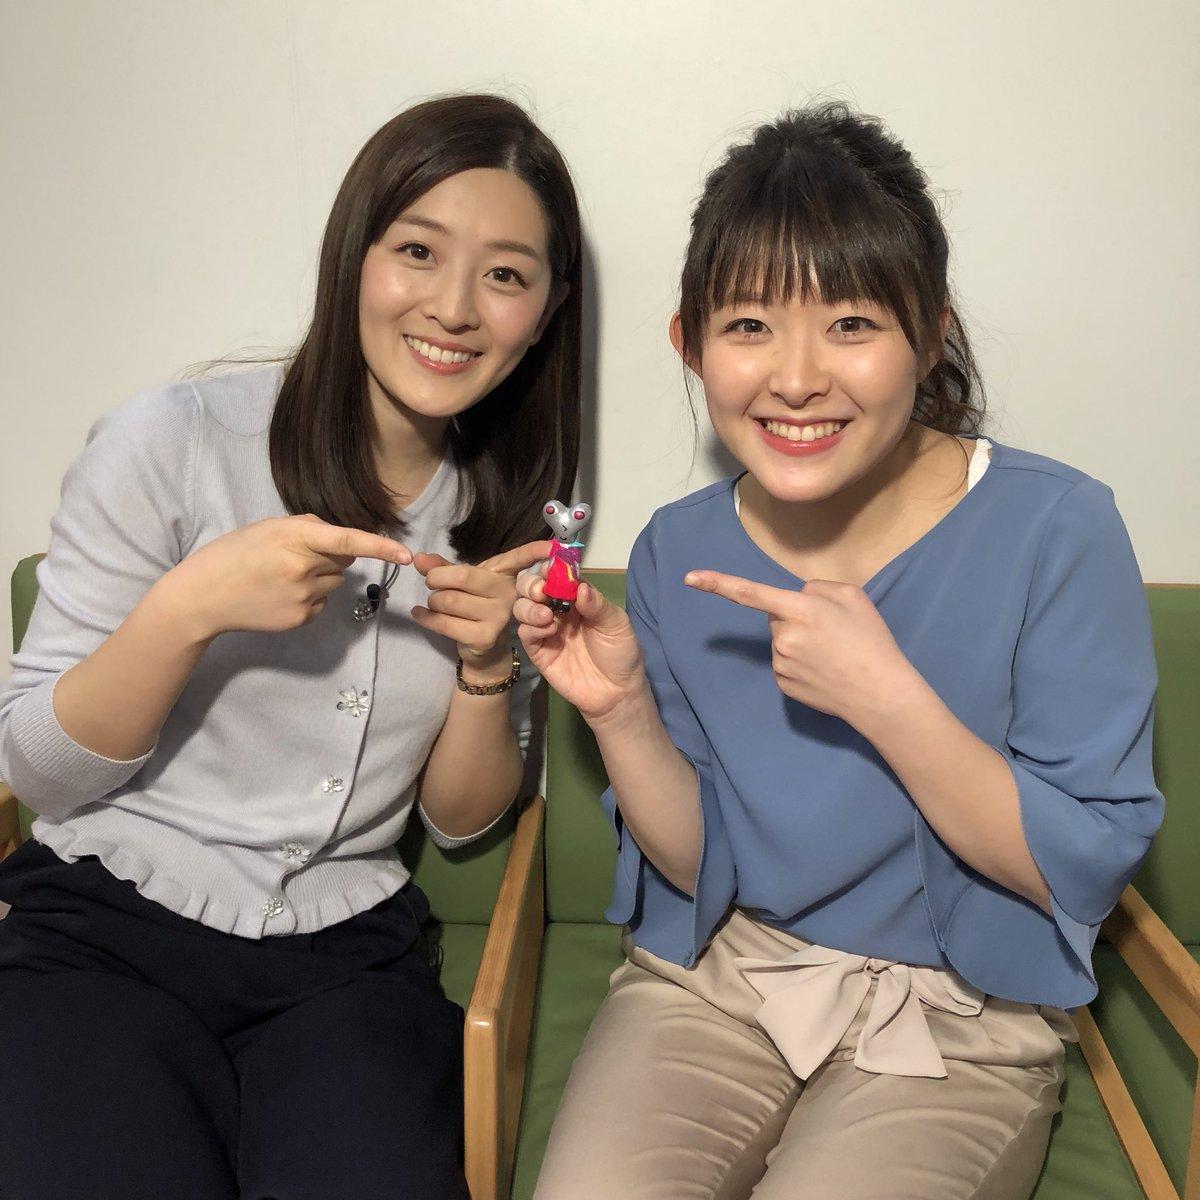 女子 読売 アナ テレビ